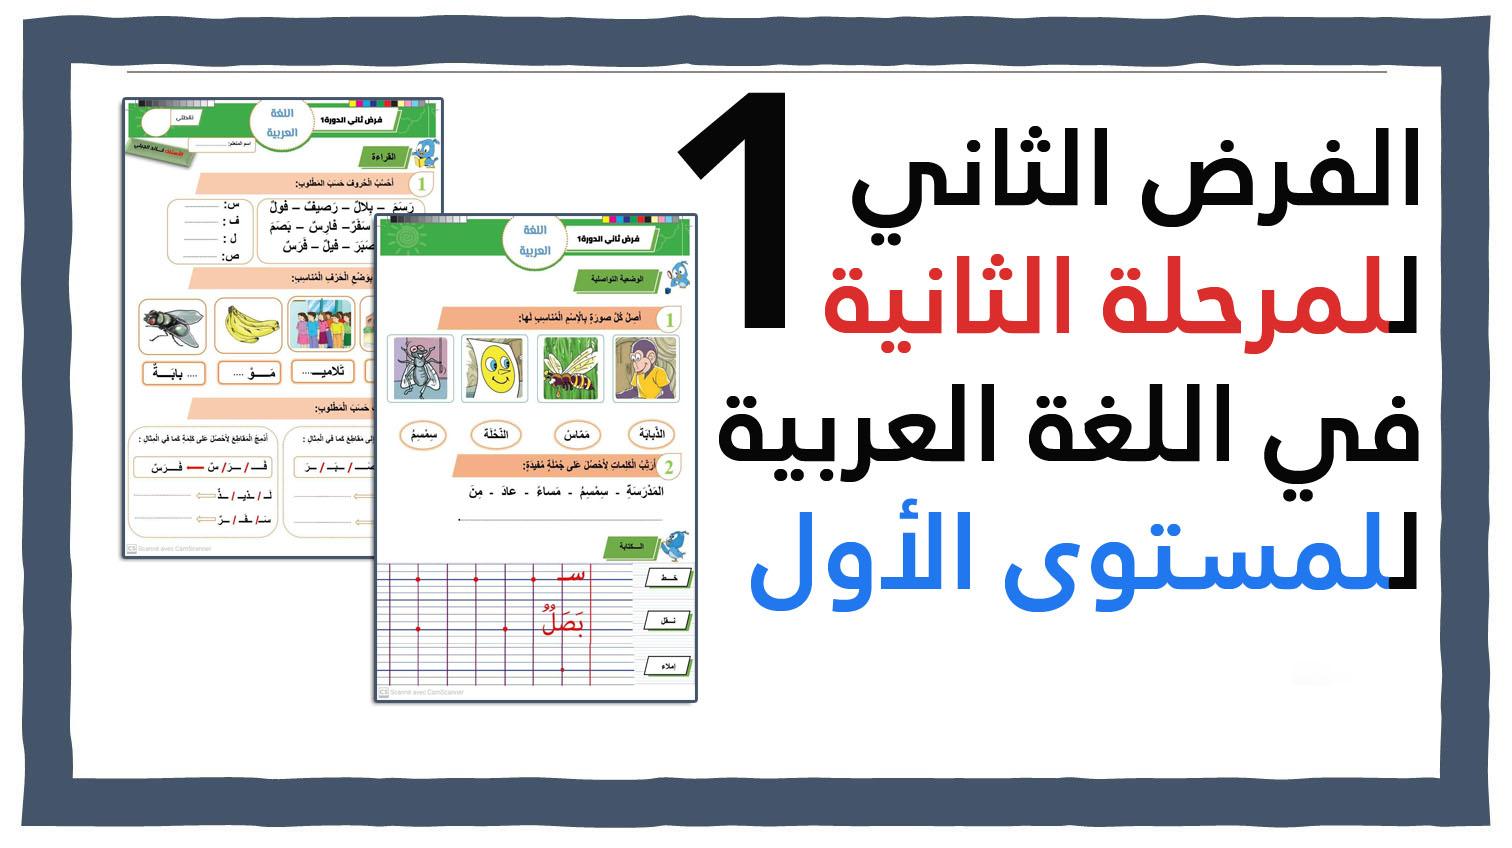 الفرض الثاني للمرحلة الثانية في اللغة العربية للمستوى الأول في حلة مهنية رائعة